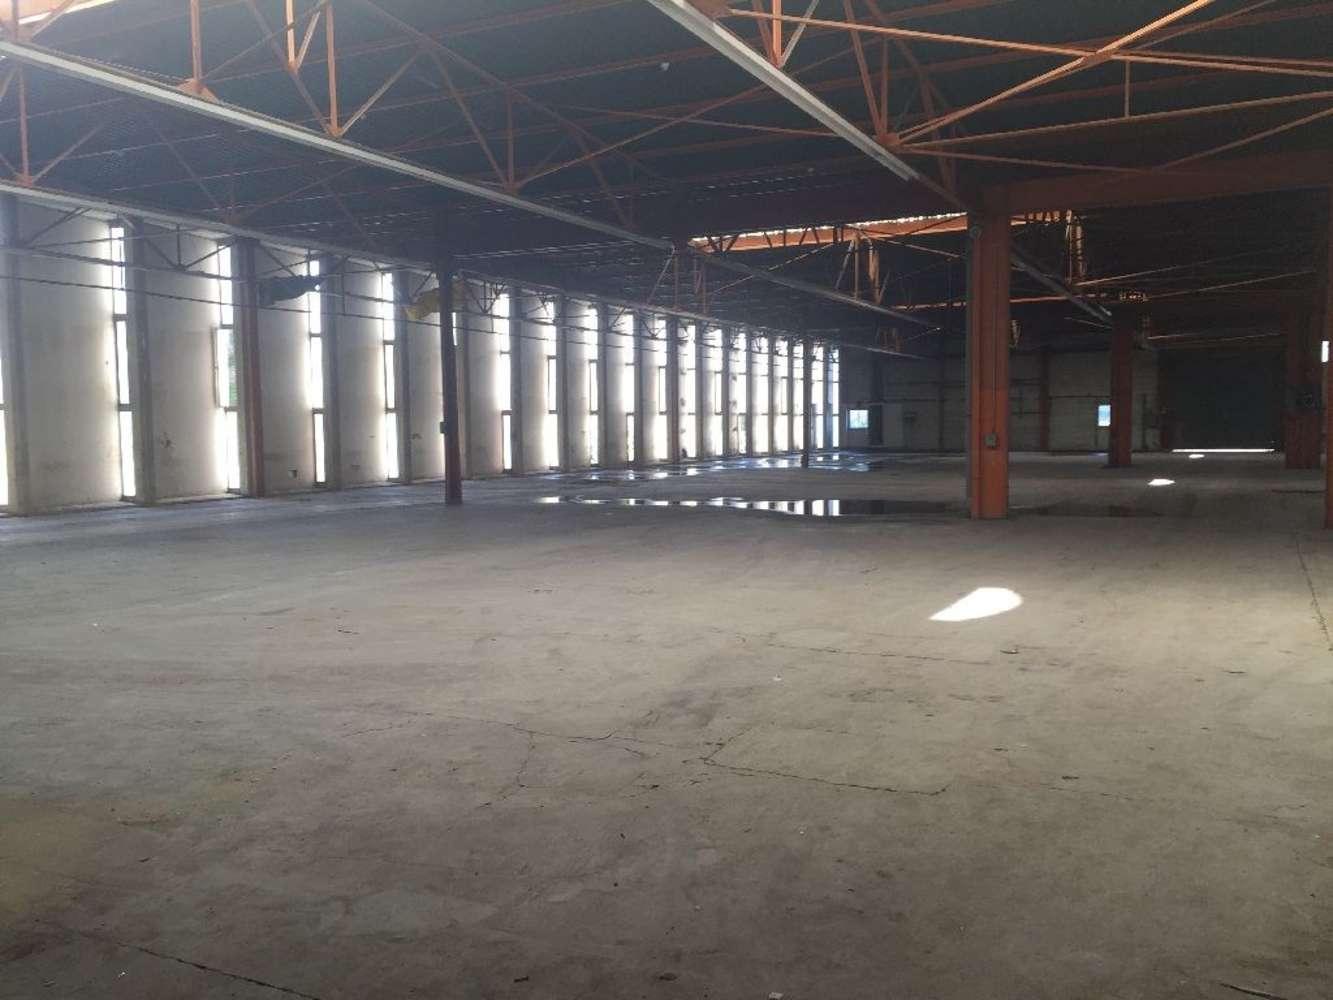 Activités/entrepôt Trevoux, 01600 - Entrepôt à vendre Lyon - Trévoux - 9783775